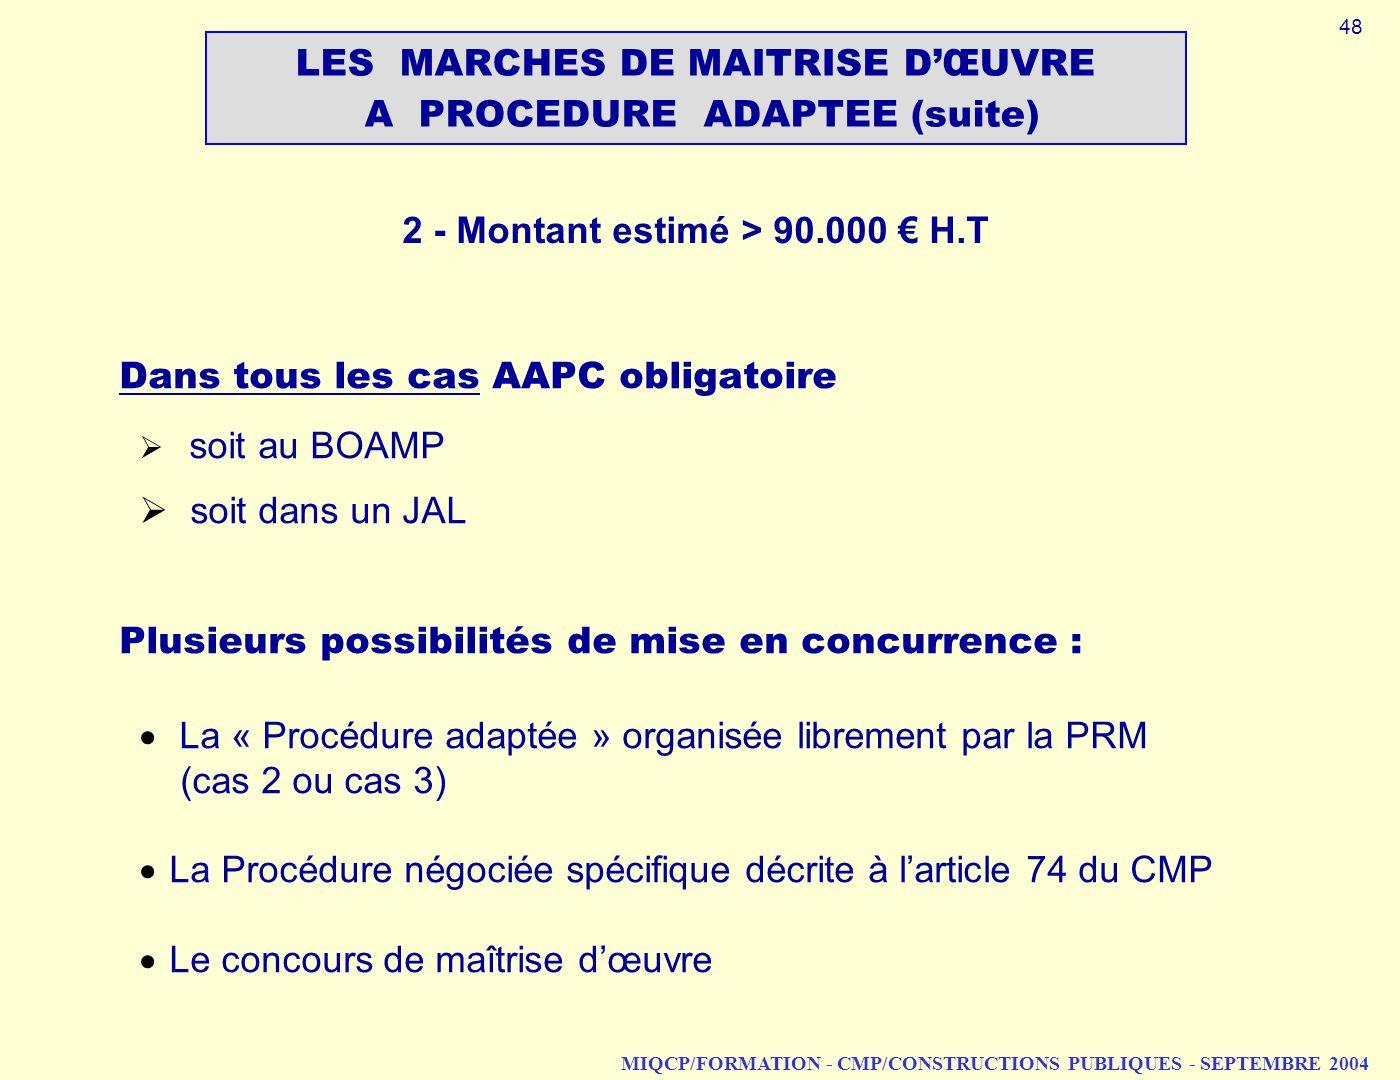 LES MARCHES DE MAITRISE D'ŒUVRE A PROCEDURE ADAPTEE (suite)